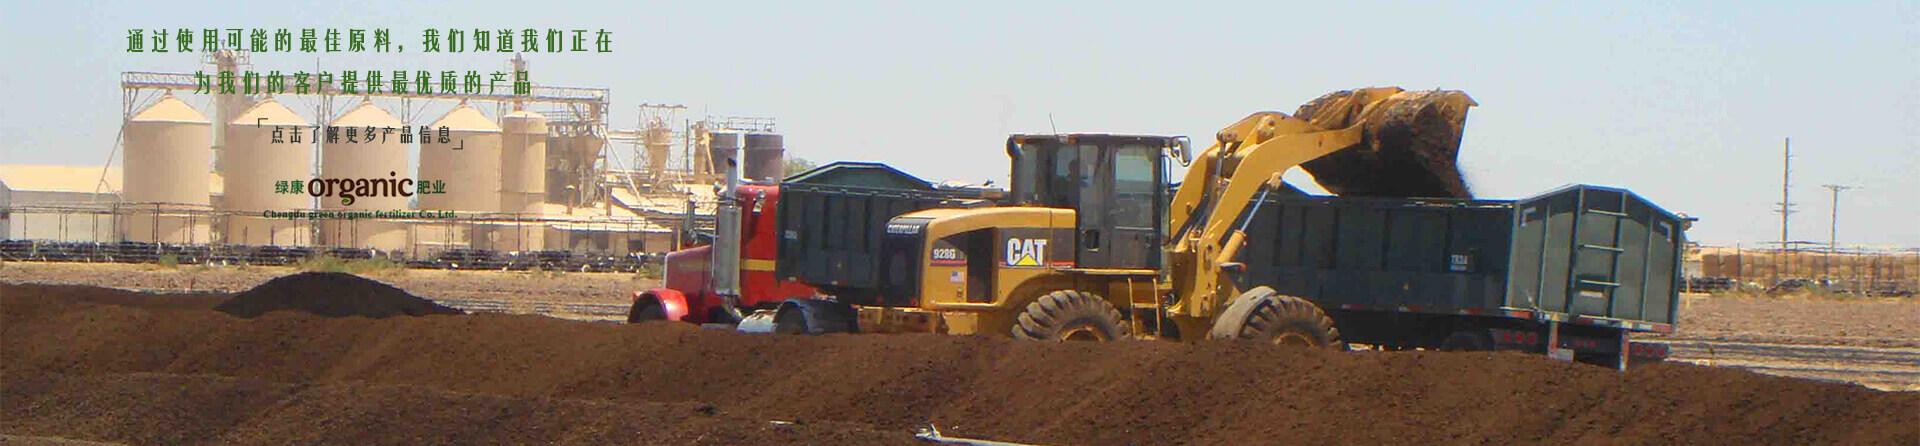 绿康有机肥工厂批发